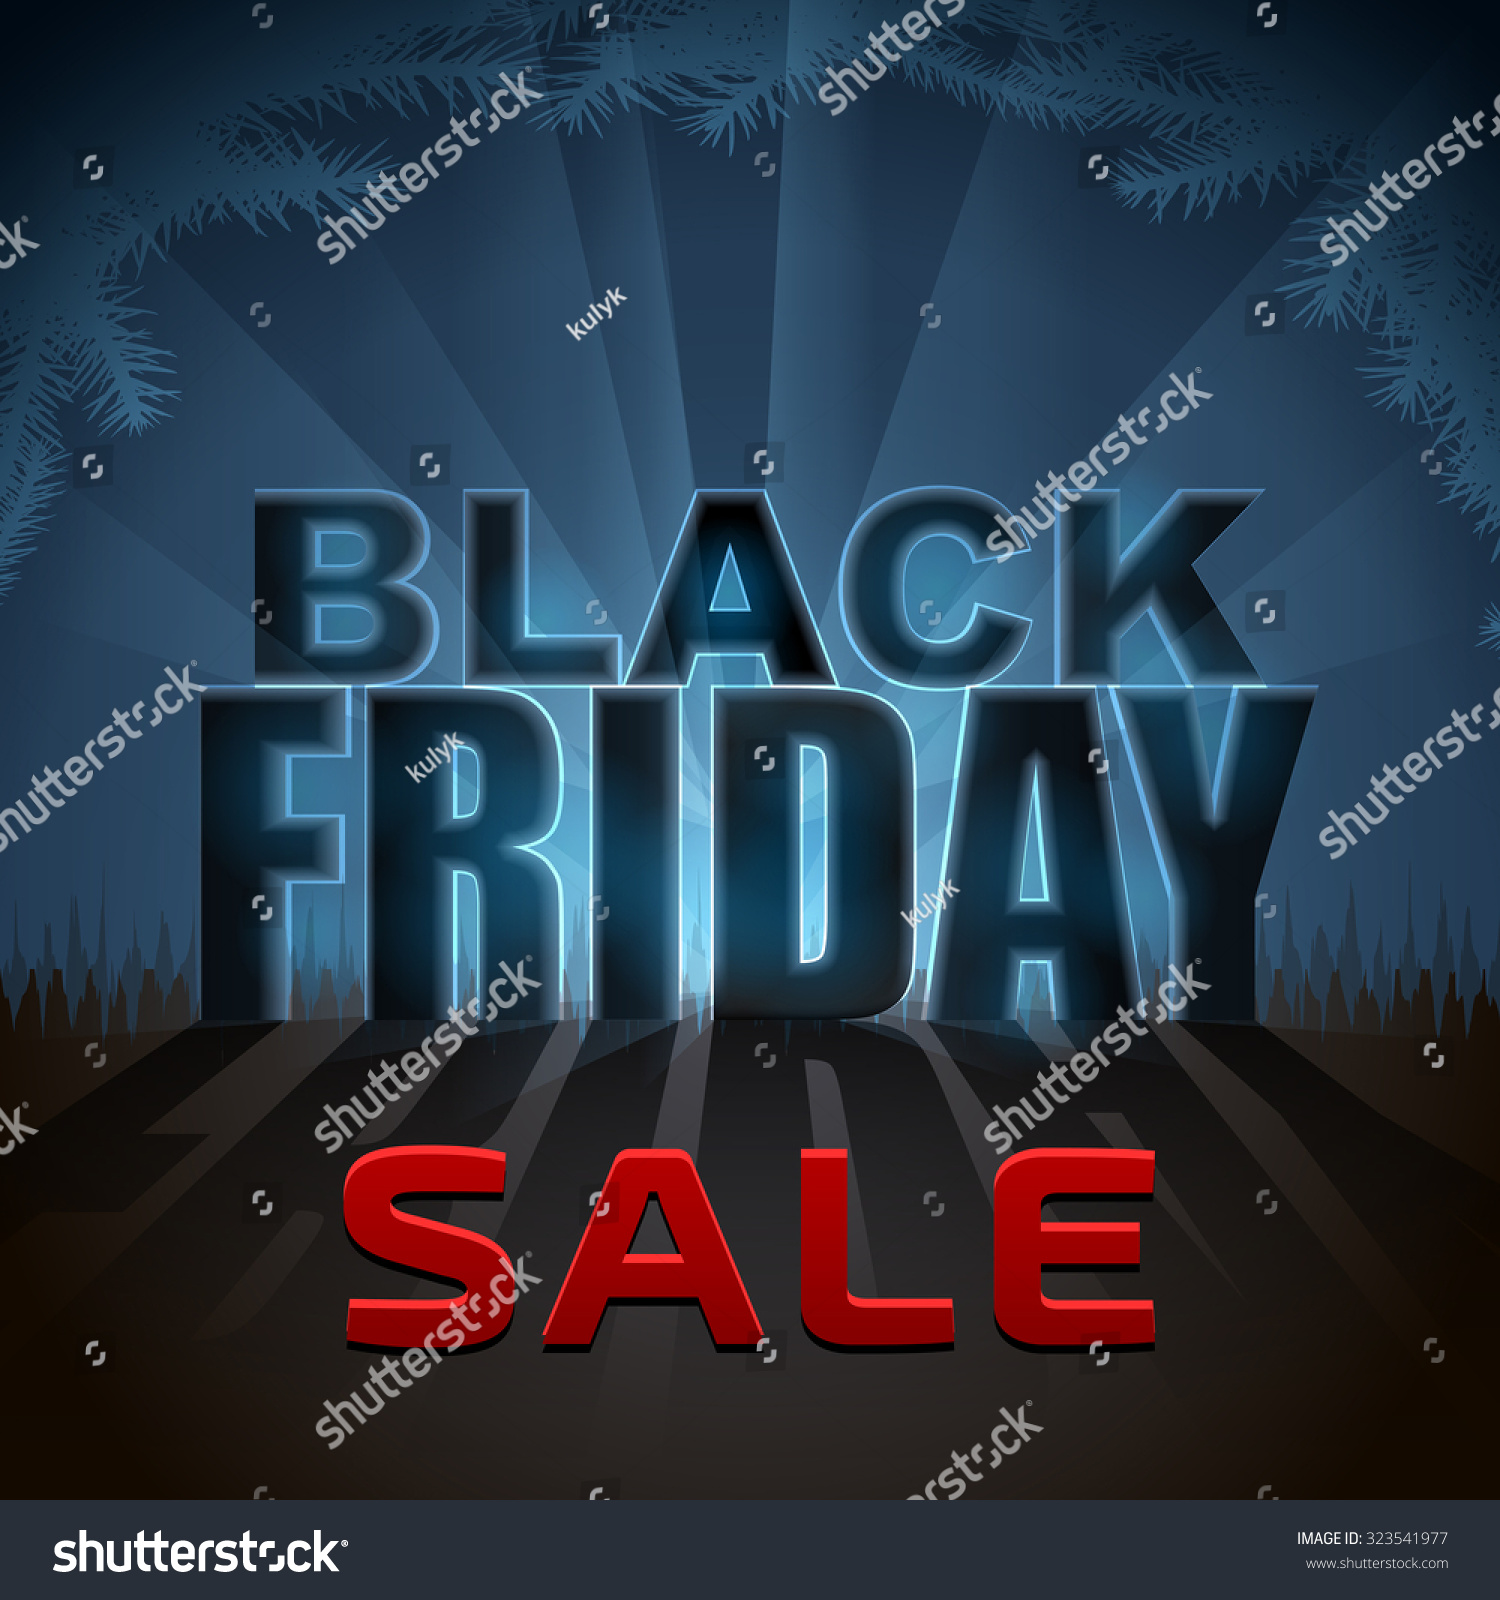 Black Friday Sale Element With Back Light Effect. Design